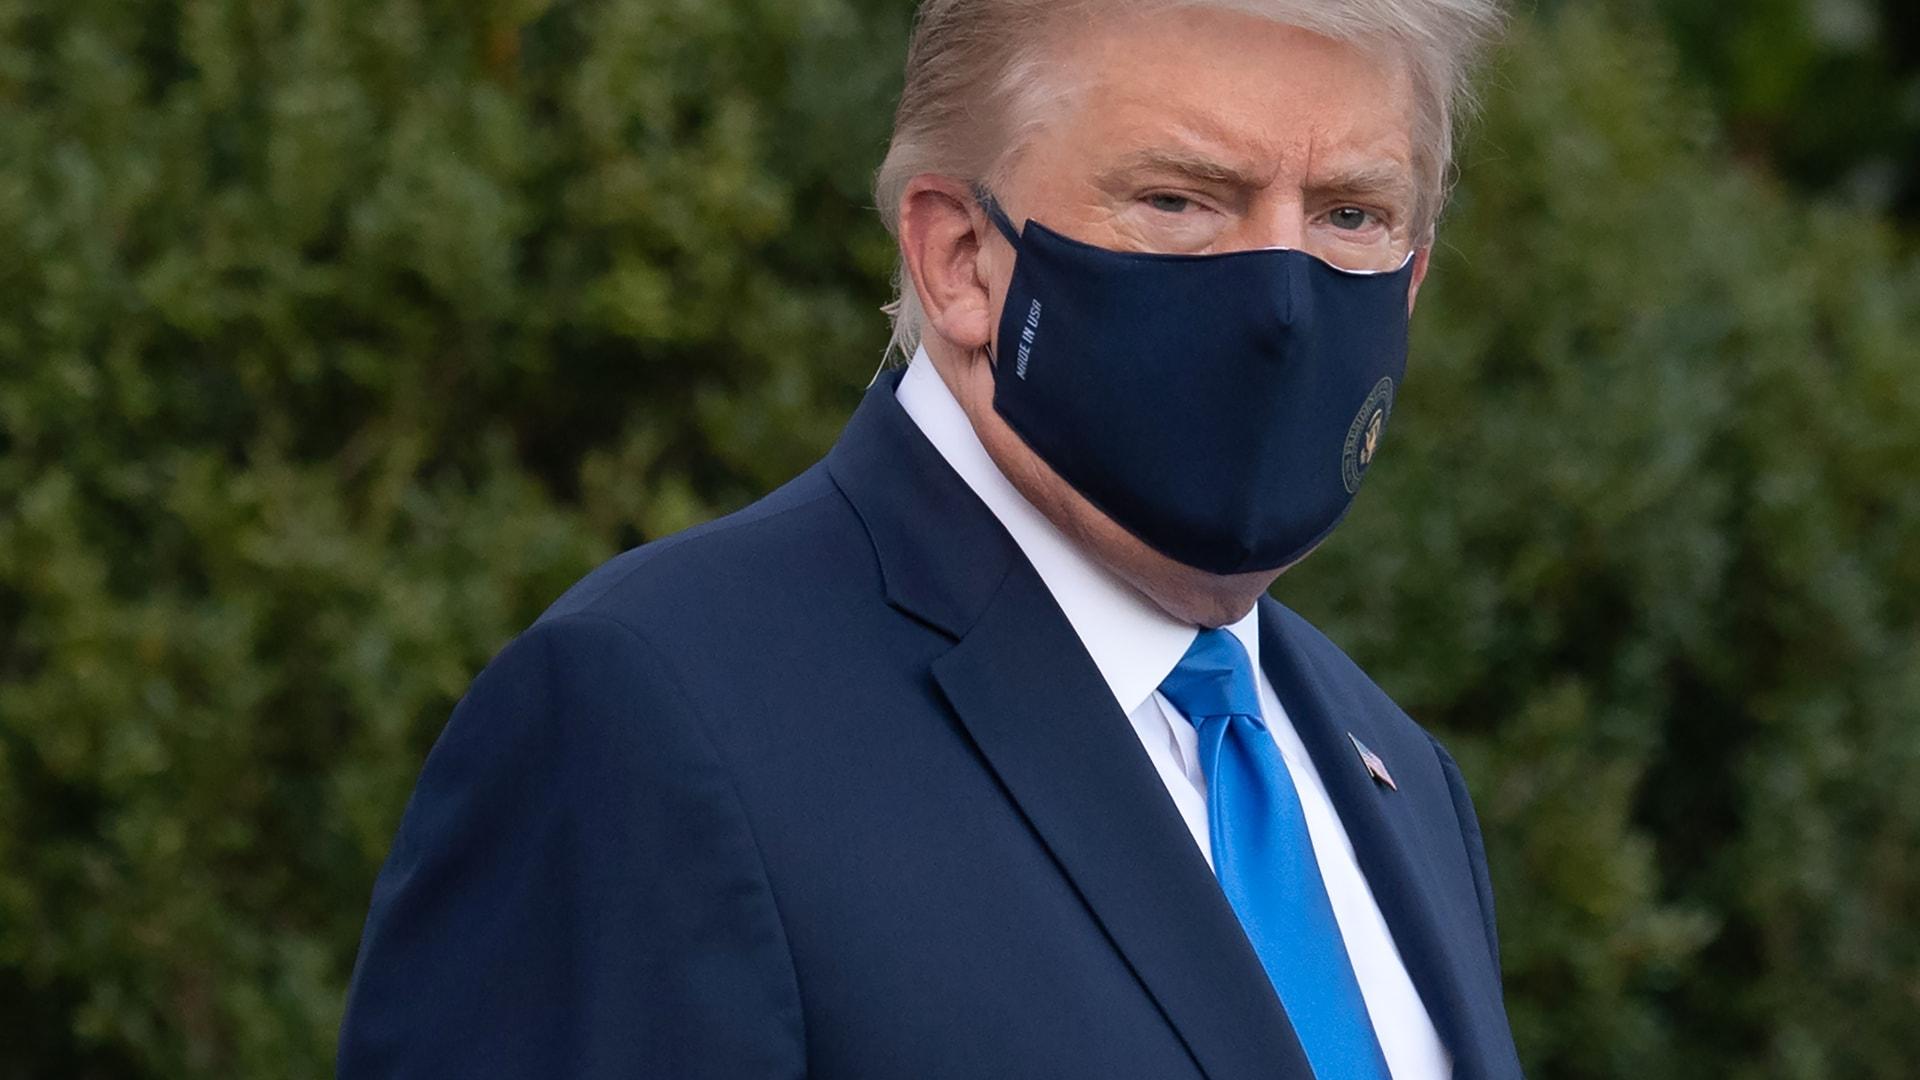 مذيع فوكس نيوز: ترامب أصيب بفيروس كورونا وهو في أكثر وضع أمانا بالعالم